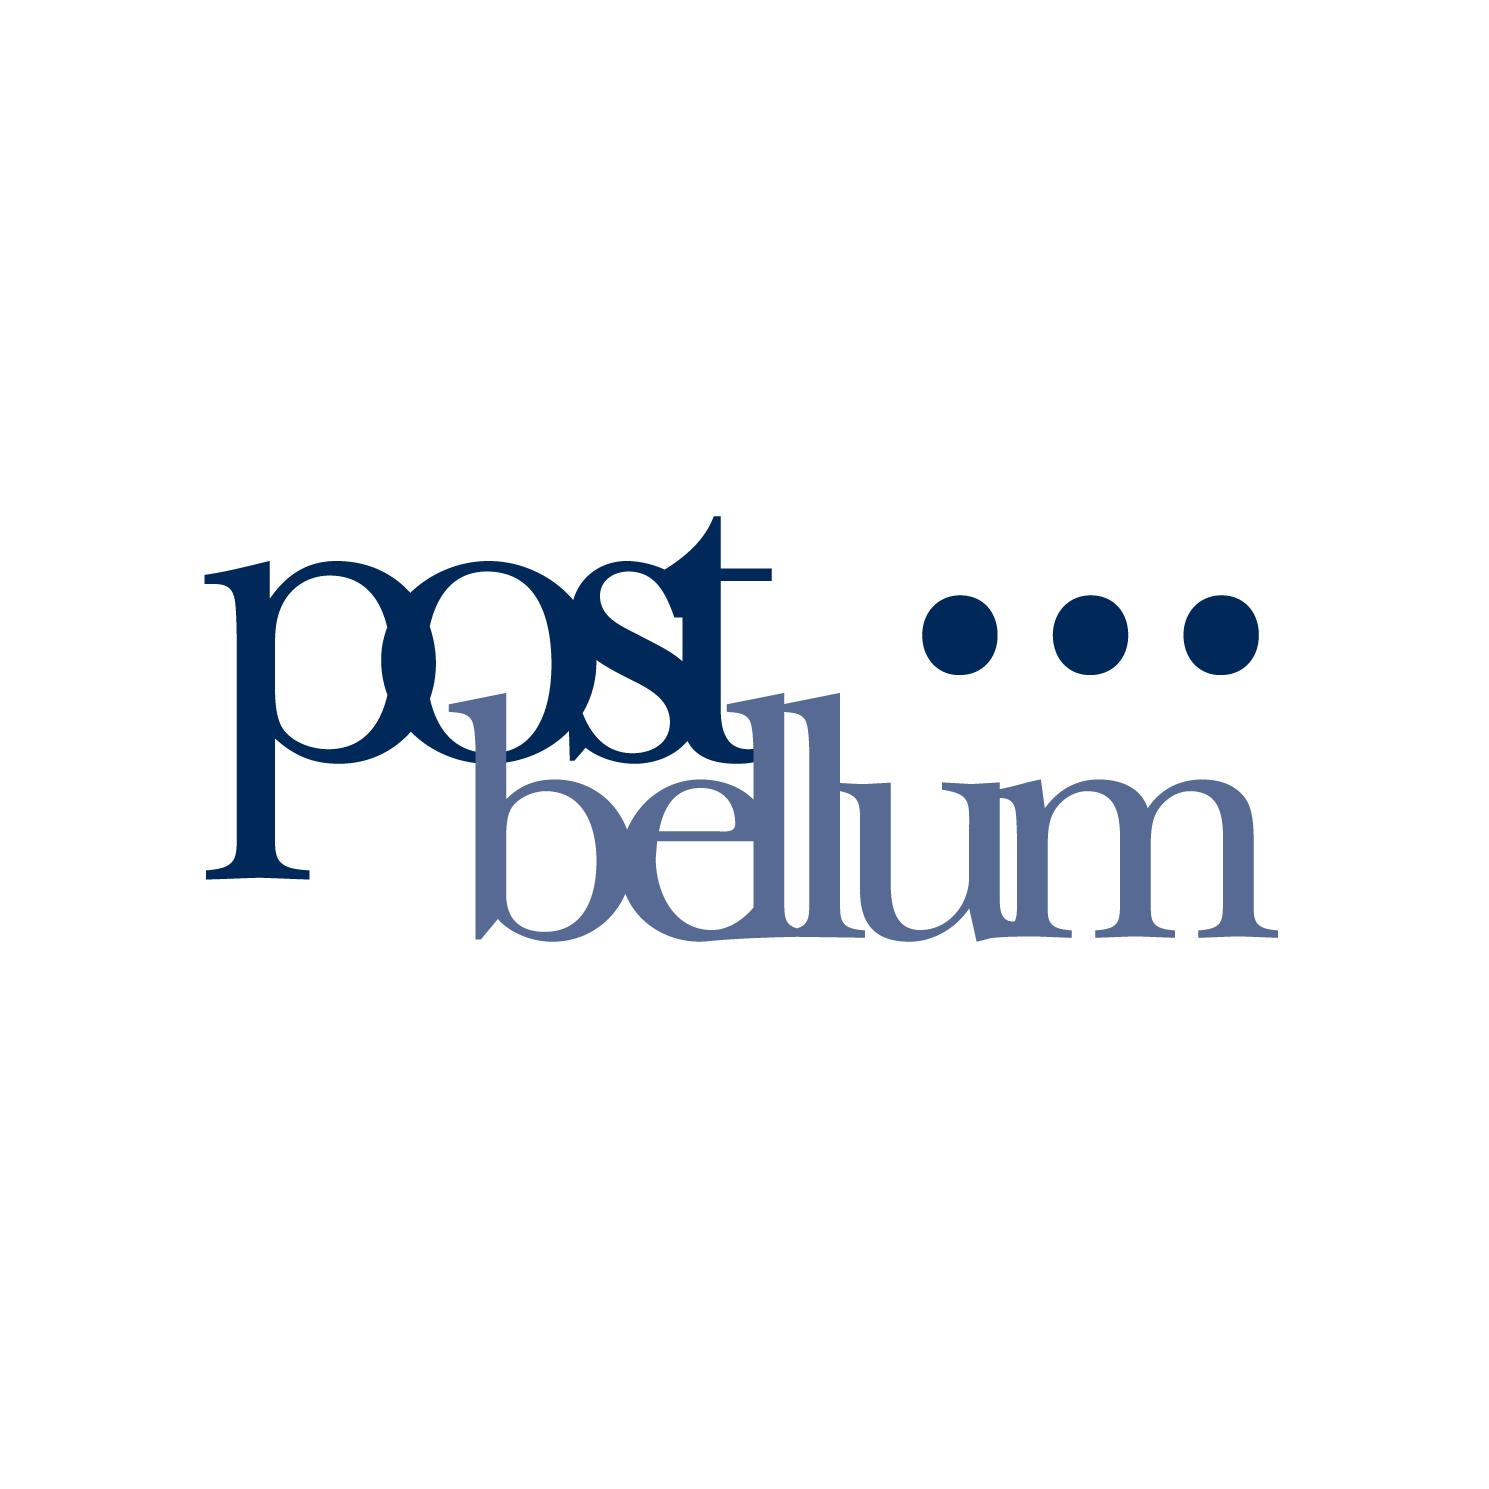 IDFI-მ და Post Bellum-მა თანამშრომლობის მემორანდუმი გააფორმეს